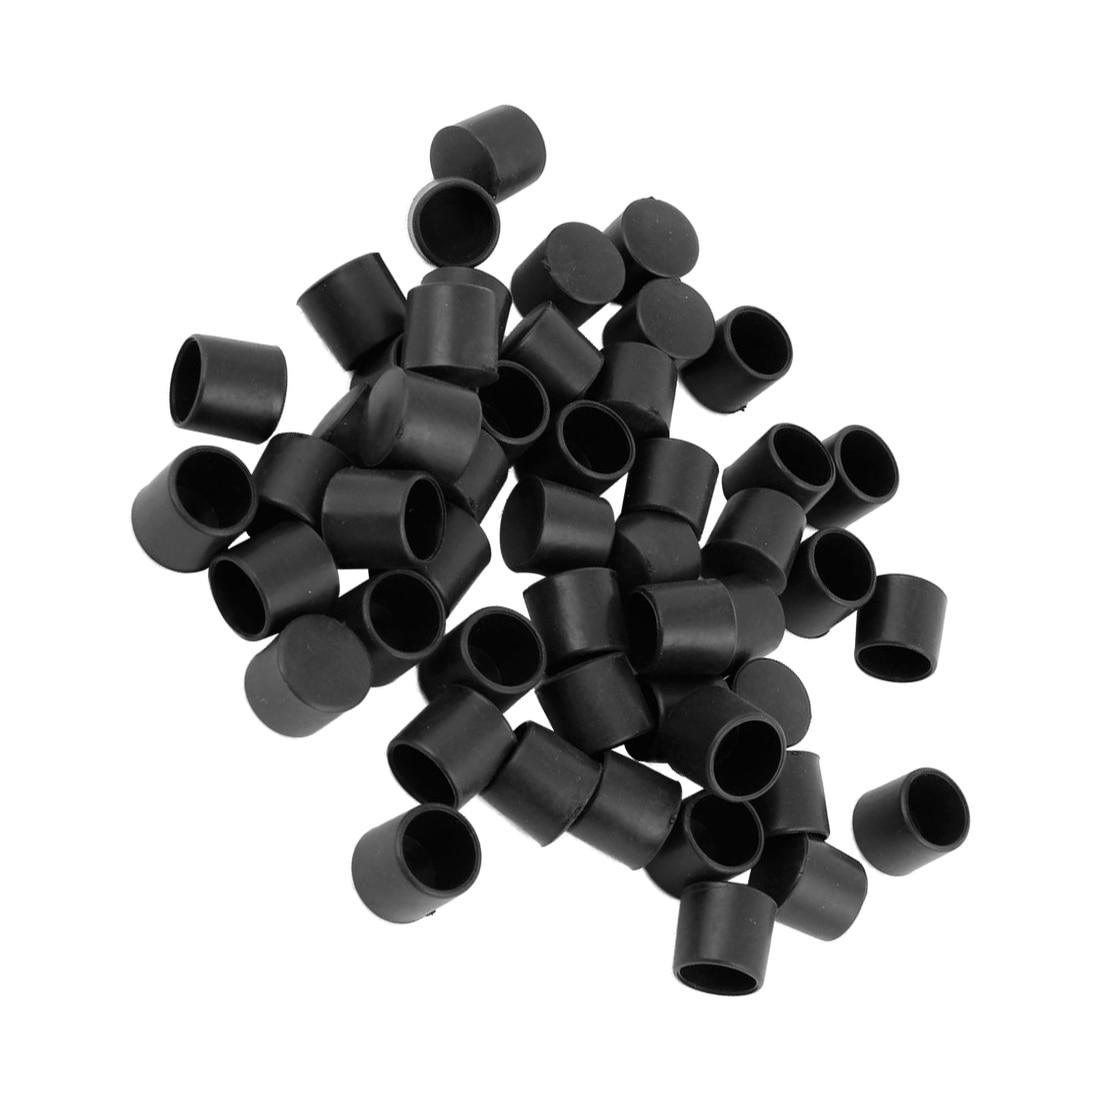 Hot Sale 50 Pcs Black Rubber PVC Flexible Round End Cap Round 12mm Foot Cover